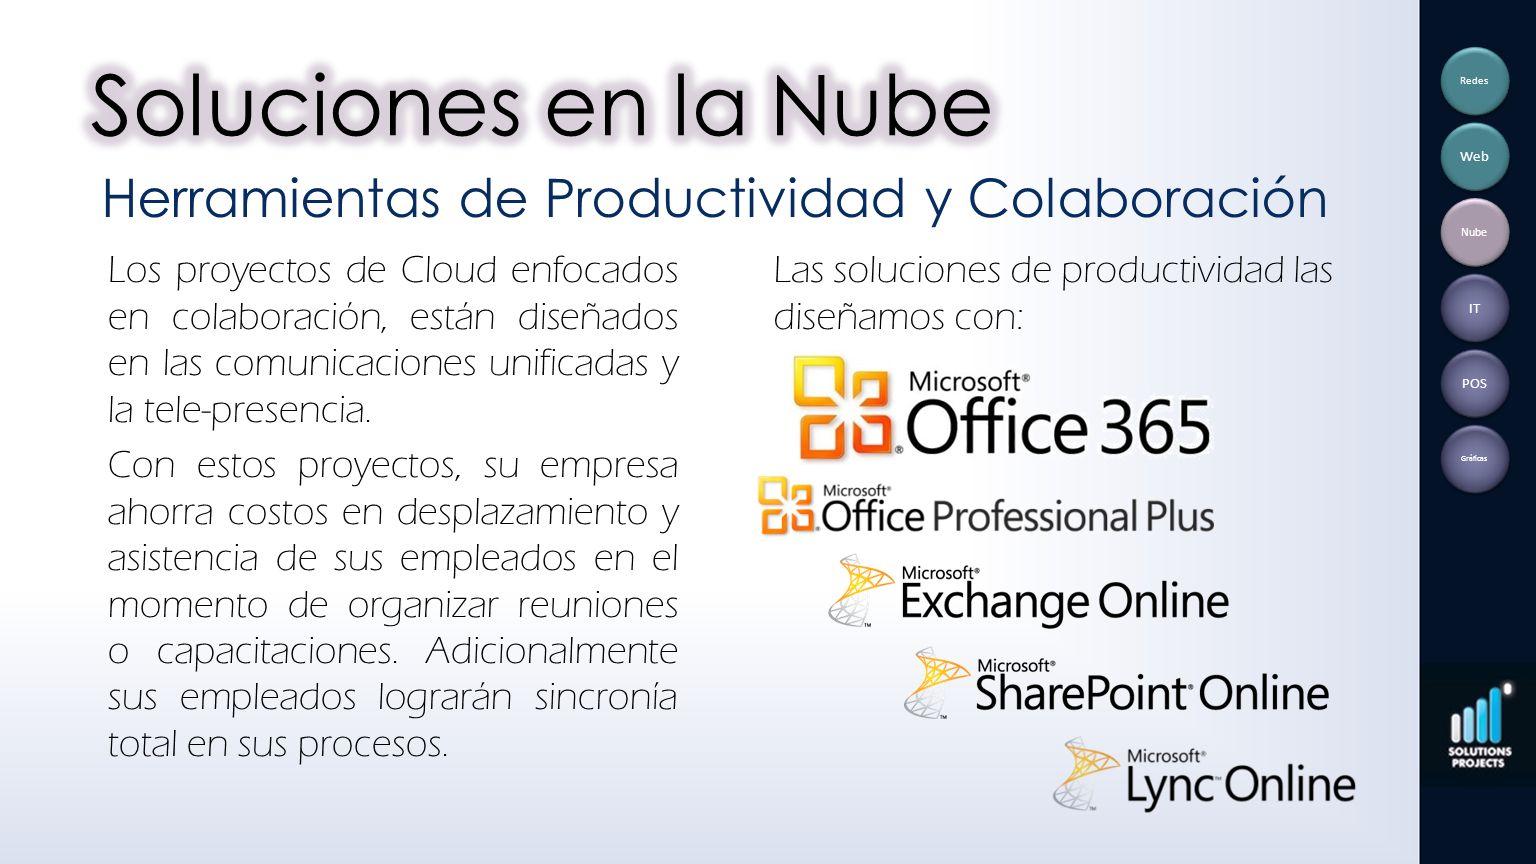 Soluciones en la Nube Herramientas de Productividad y Colaboración